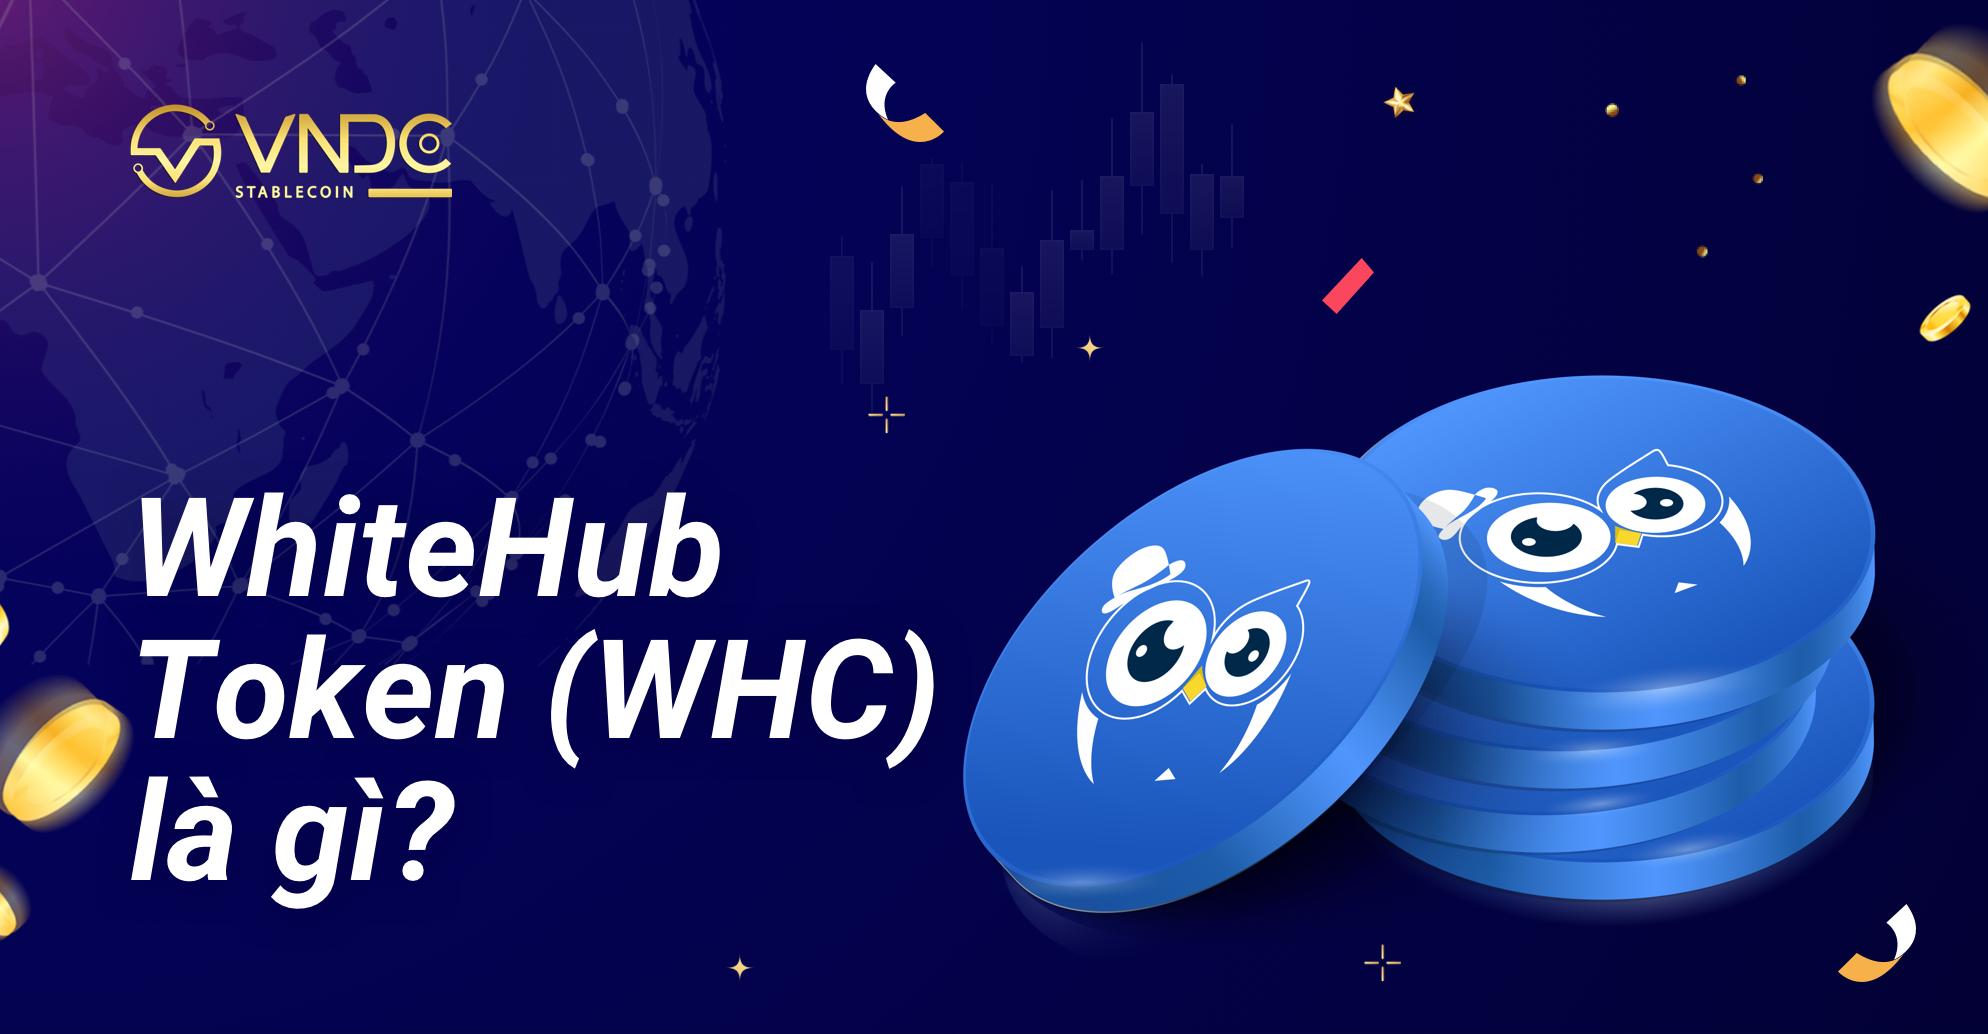 Bài nghiên cứu về WhiteHub Token (WHC)